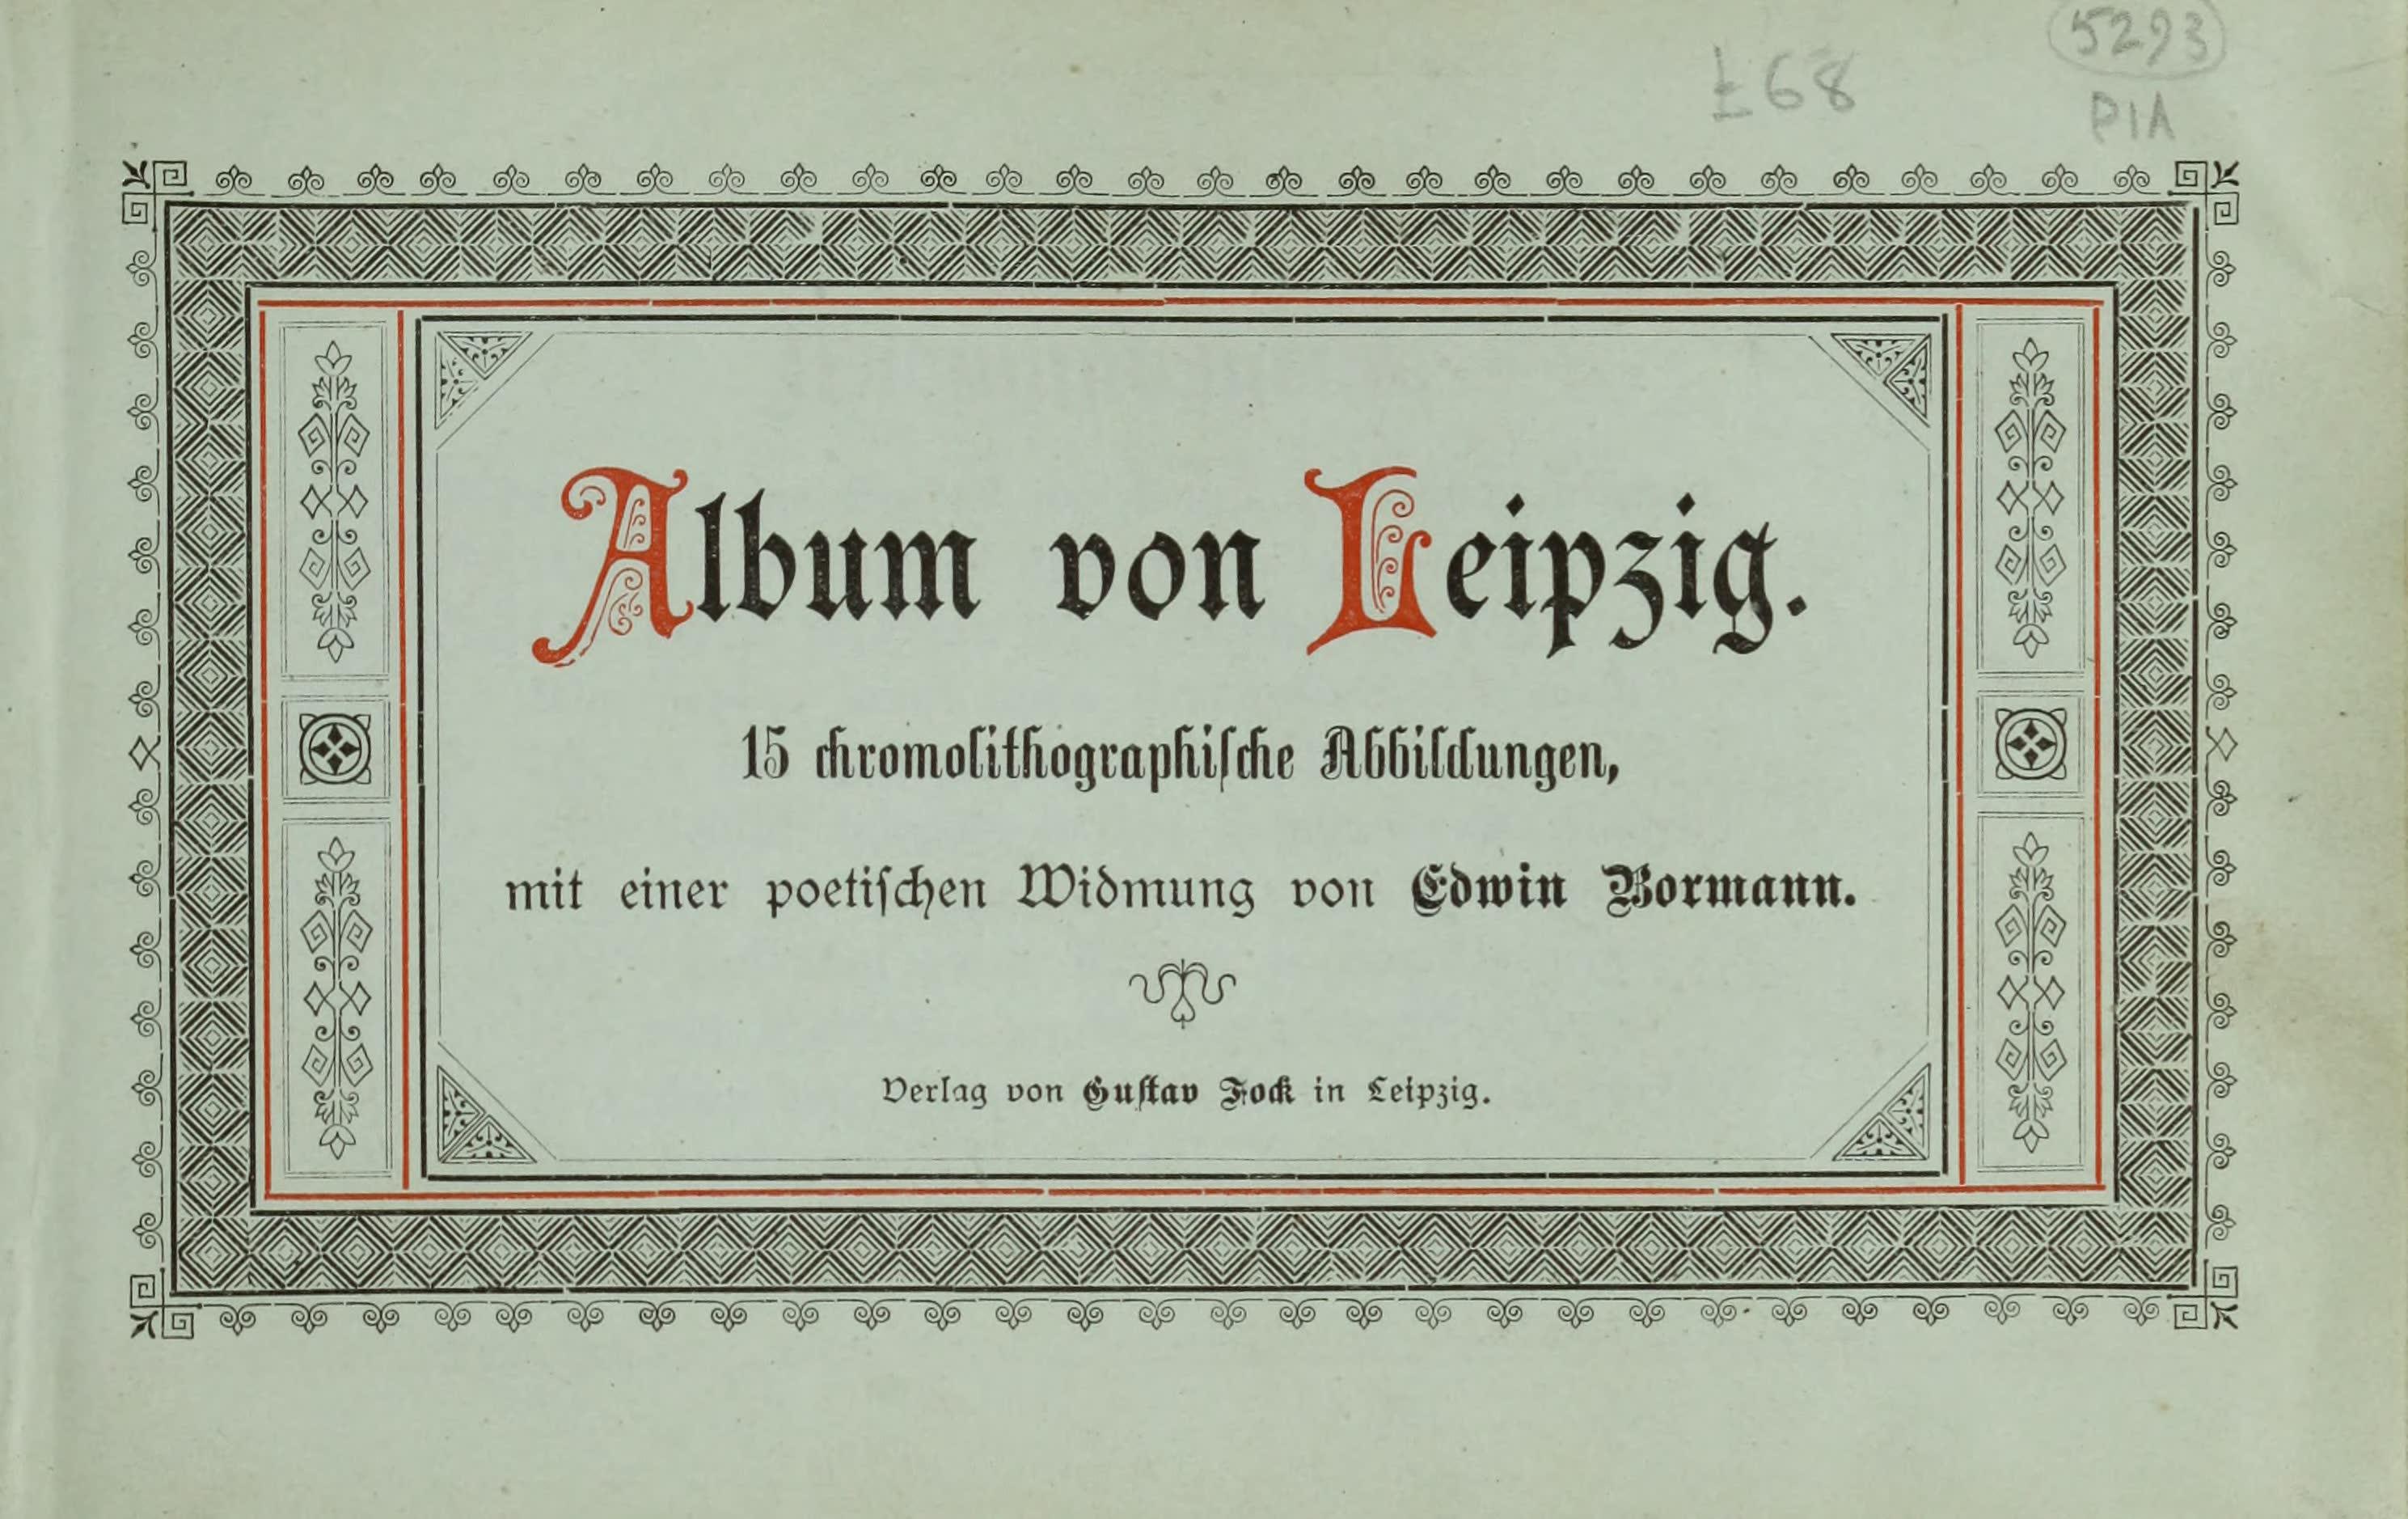 Album von Leipzig - Title Page (1884)